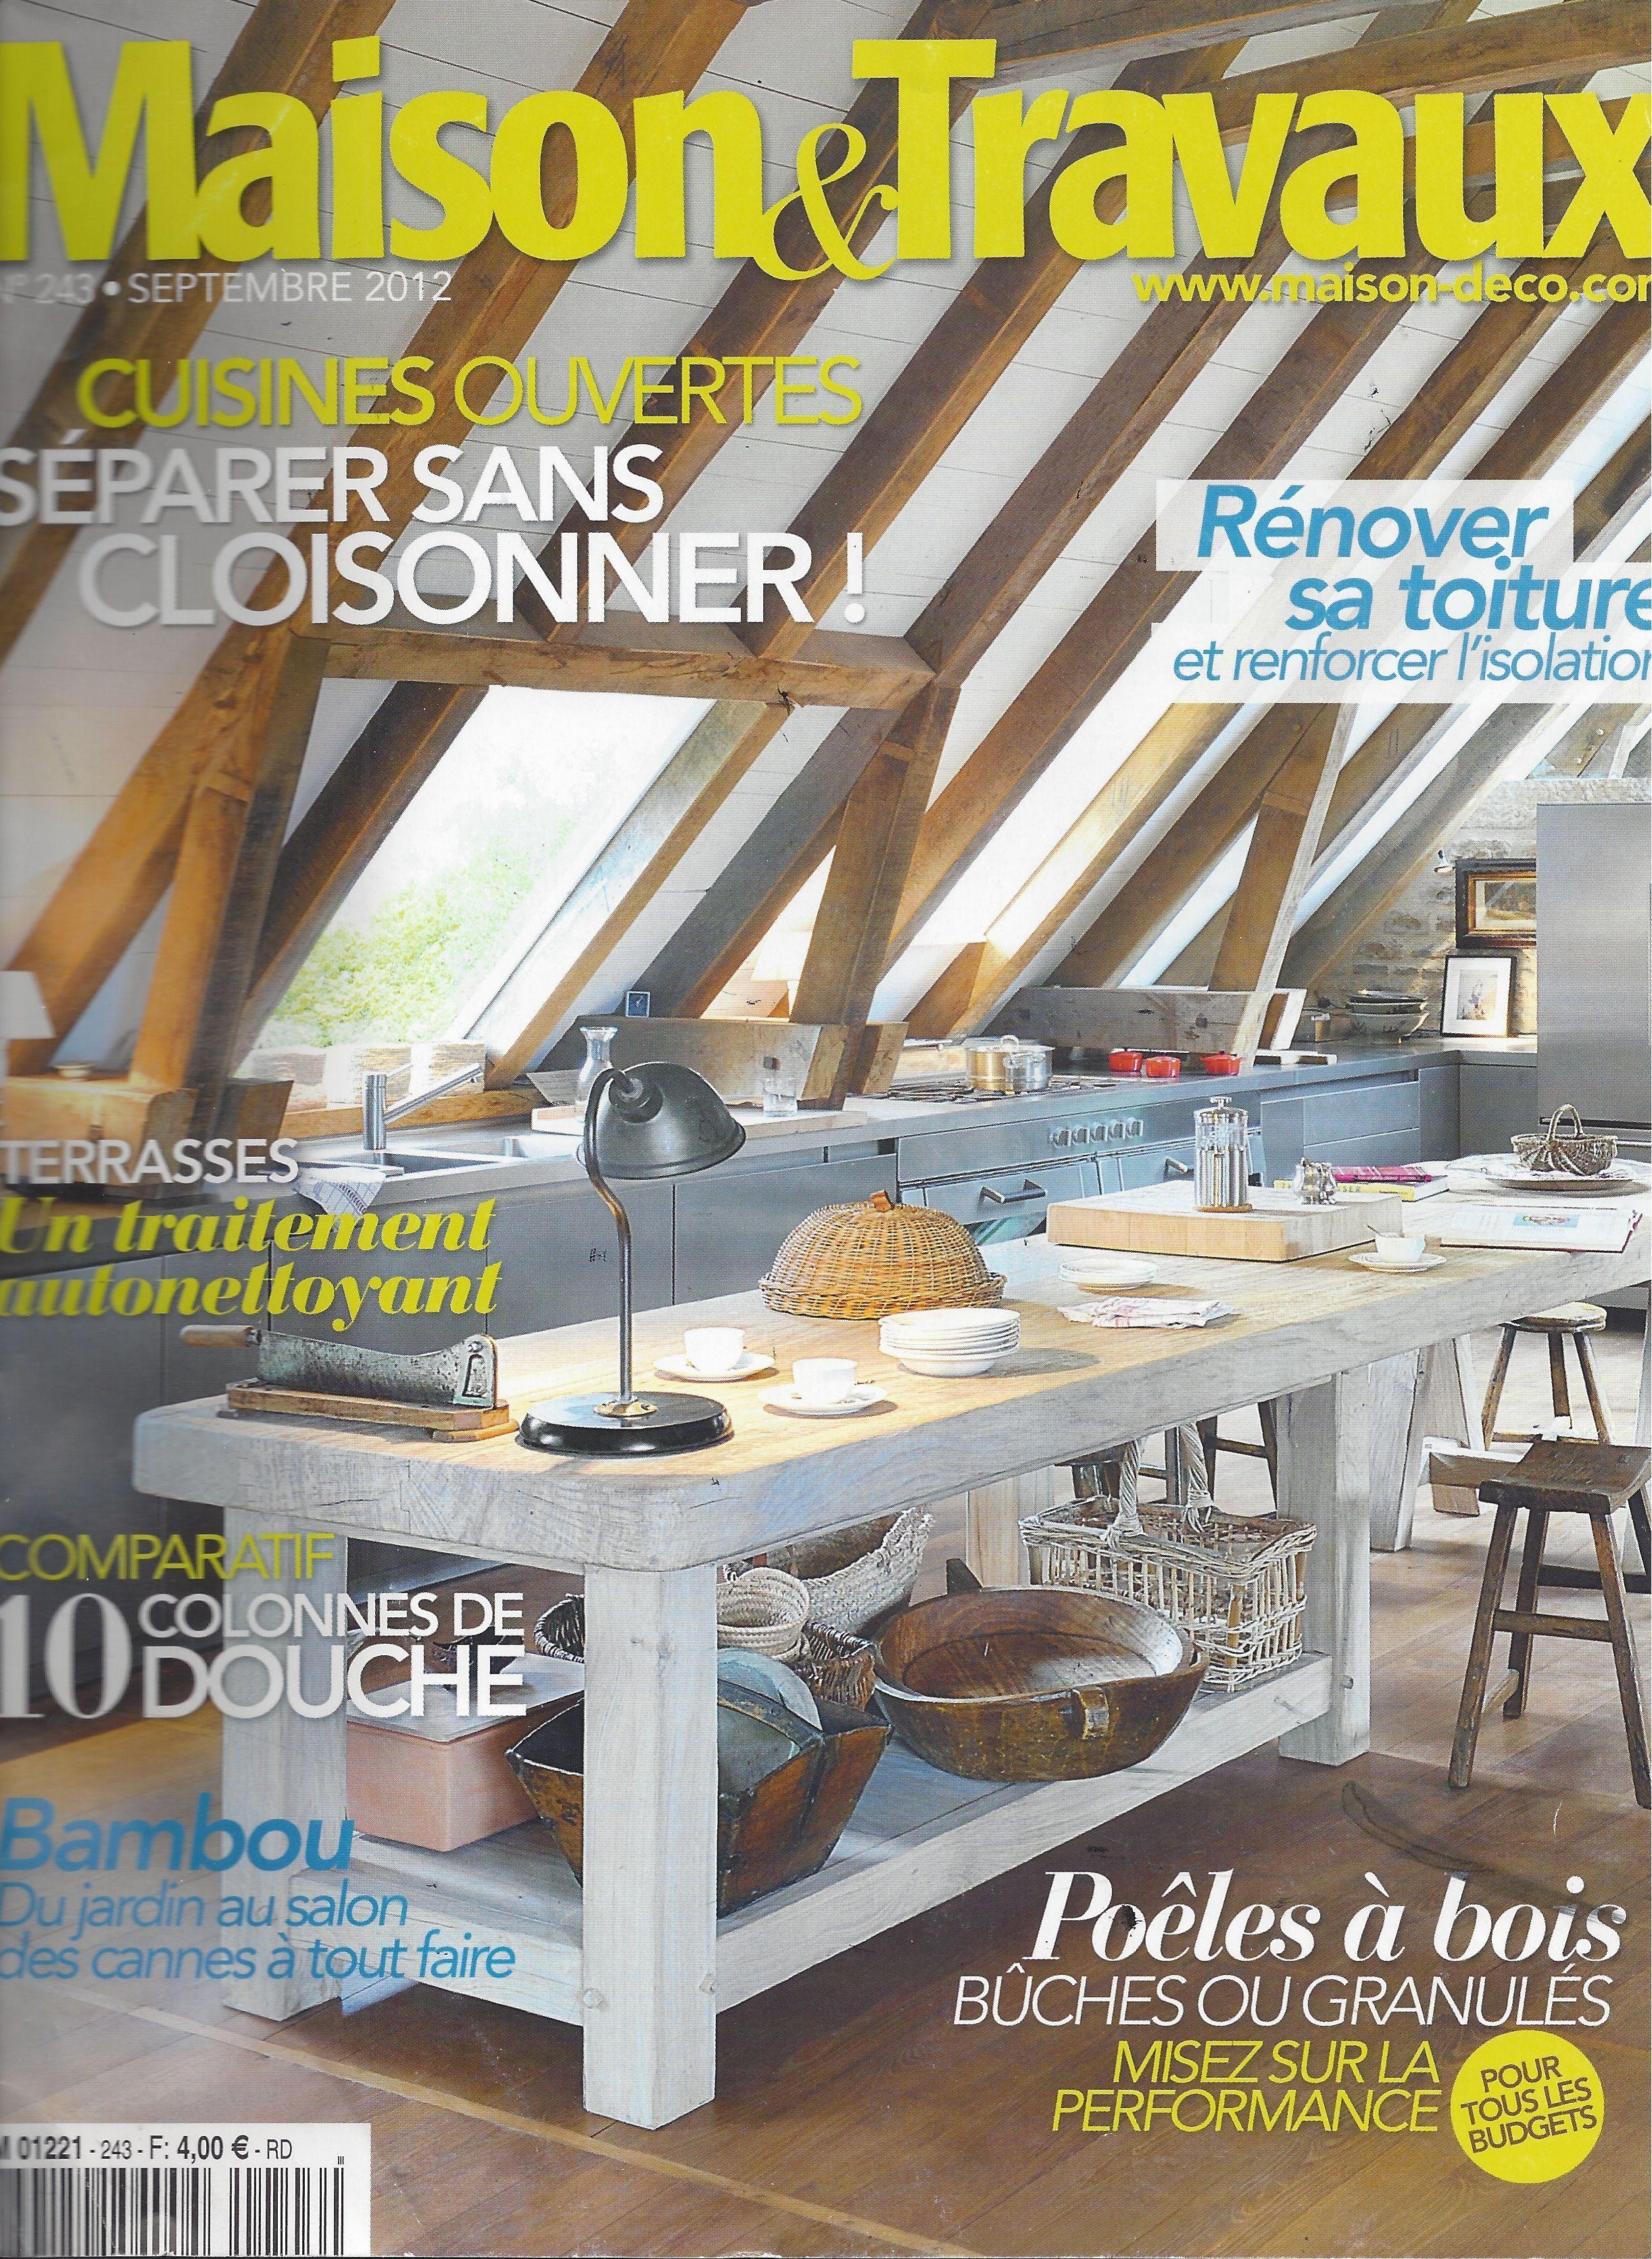 Ecoligne bambou dans le magazine maison et travaux